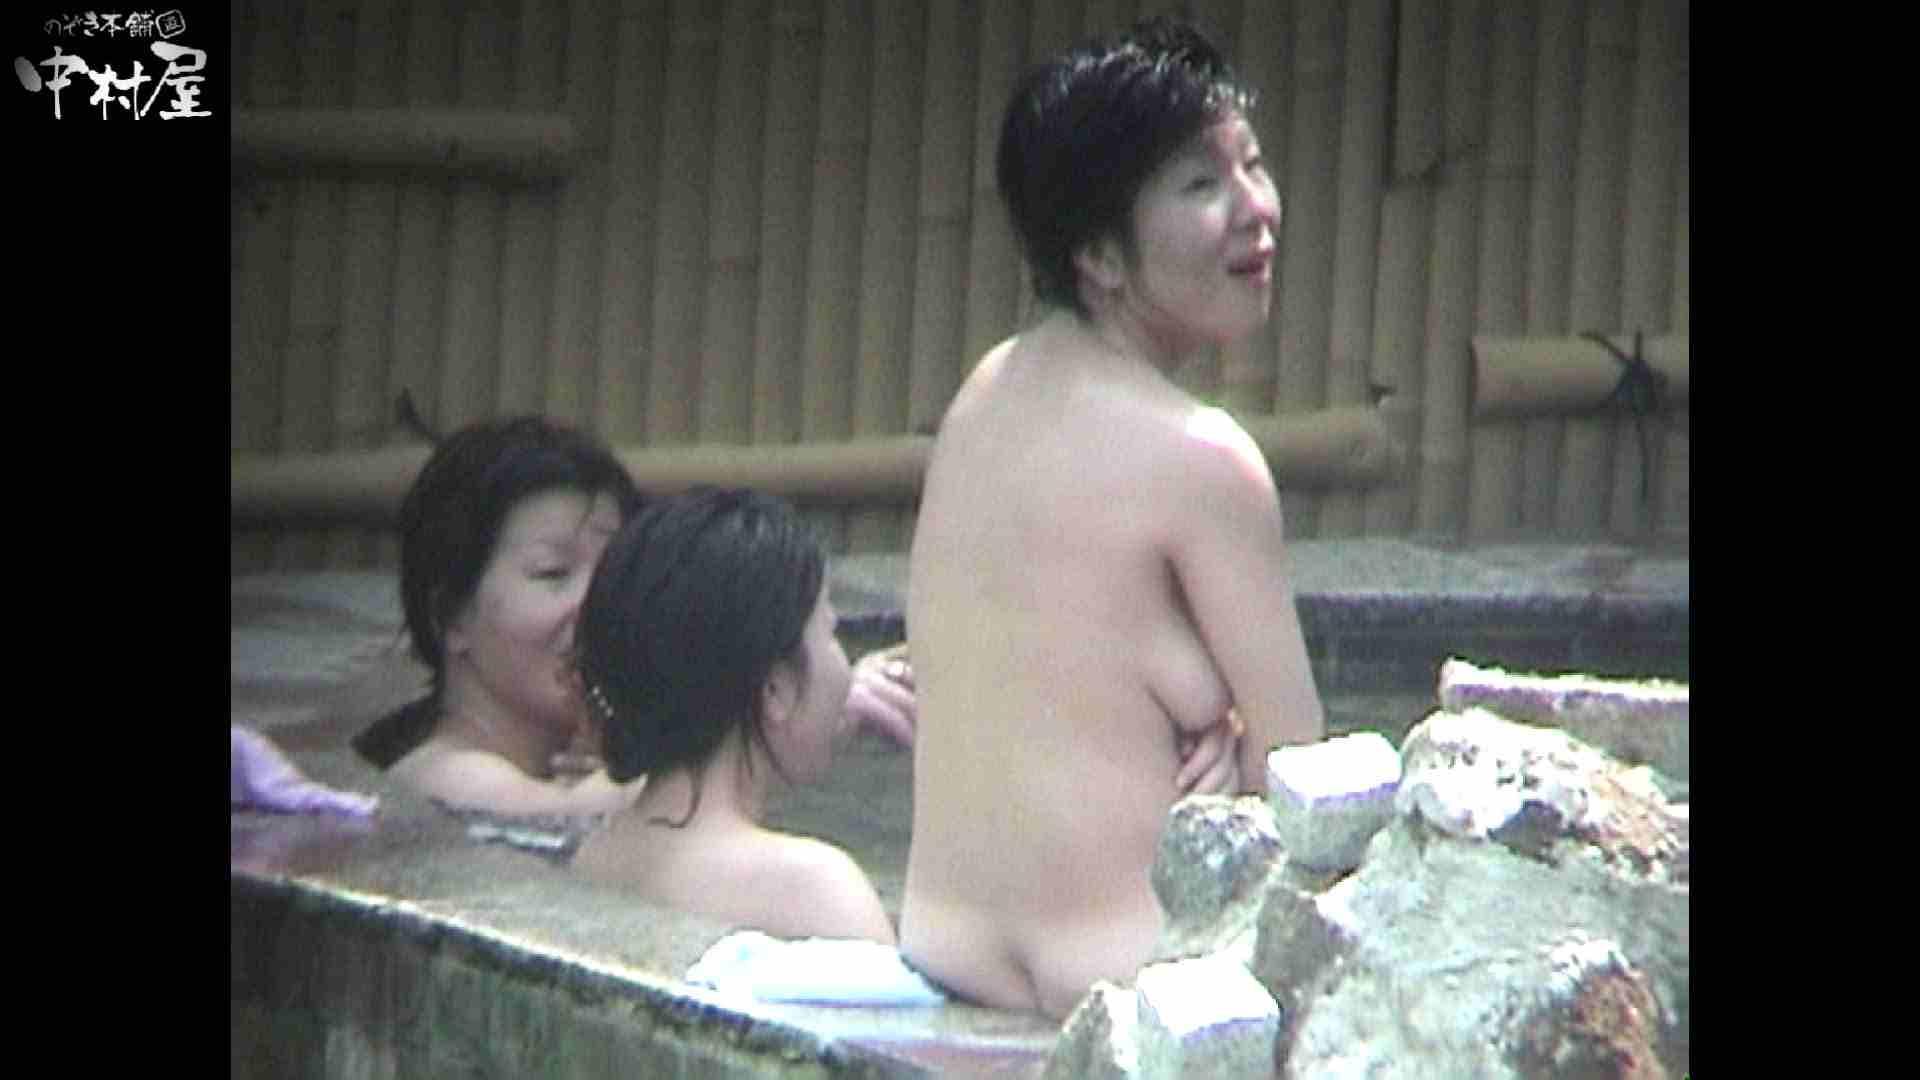 Aquaな露天風呂Vol.936 盗撮 | 露天  75画像 55